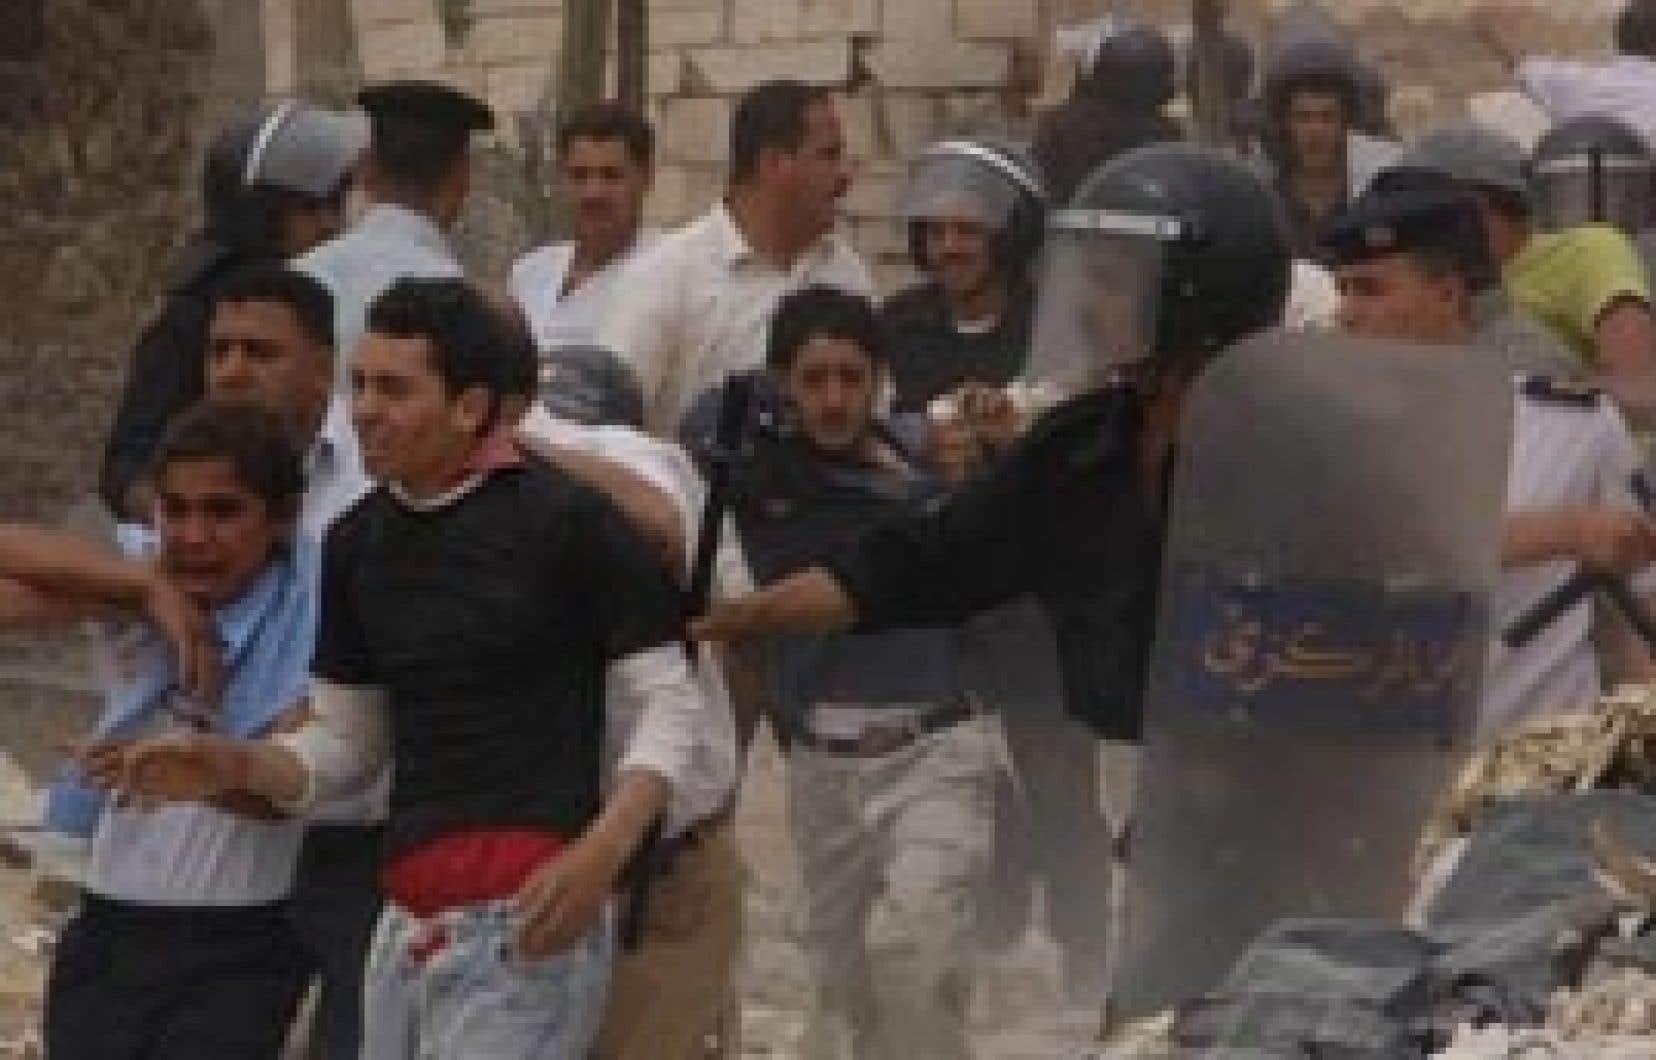 Une quinzaine d'Égyptiens ont été blessés hier dans des affrontements liés aux abattages de porcs au Caire.